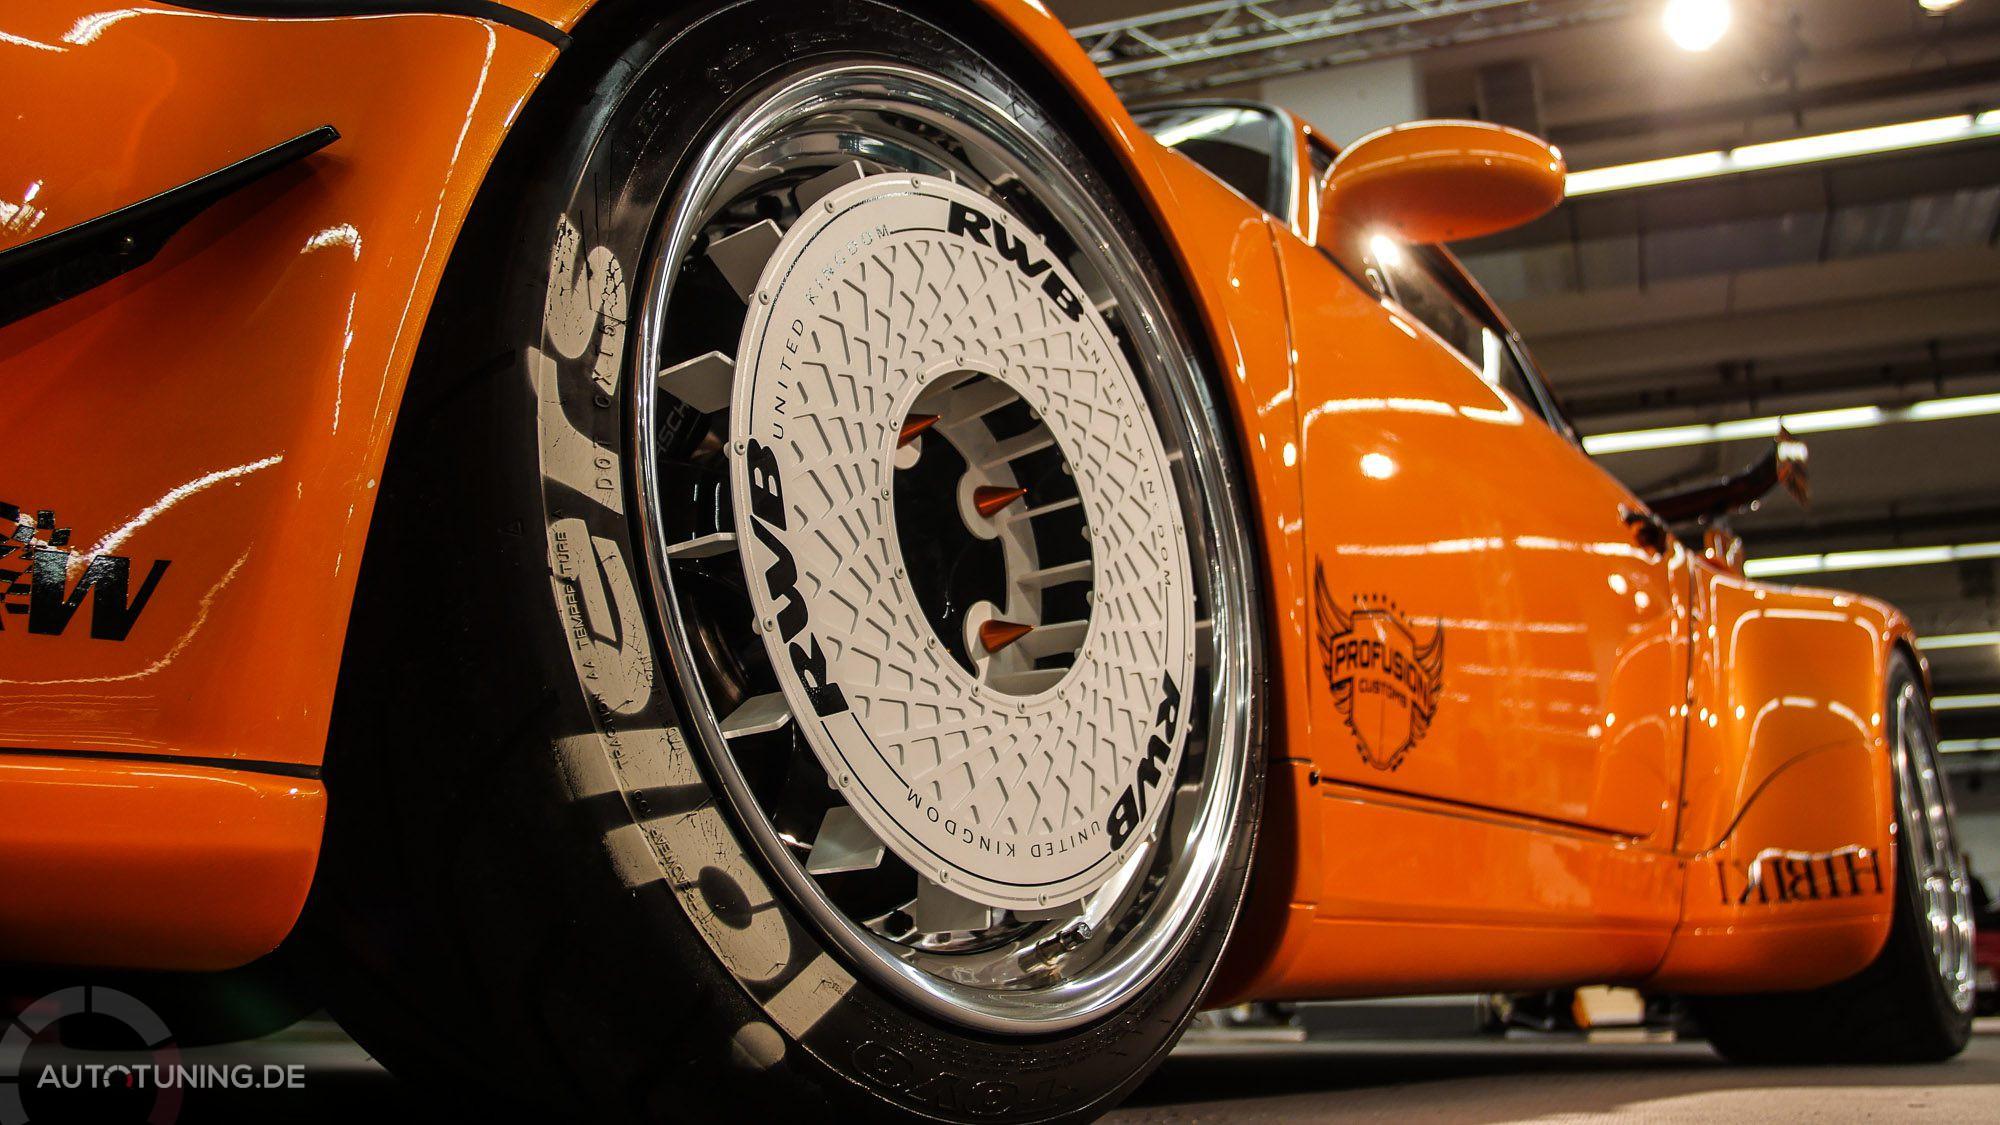 Untere Reifen- und Felgenansicht bei einem orangen Tuner-Car